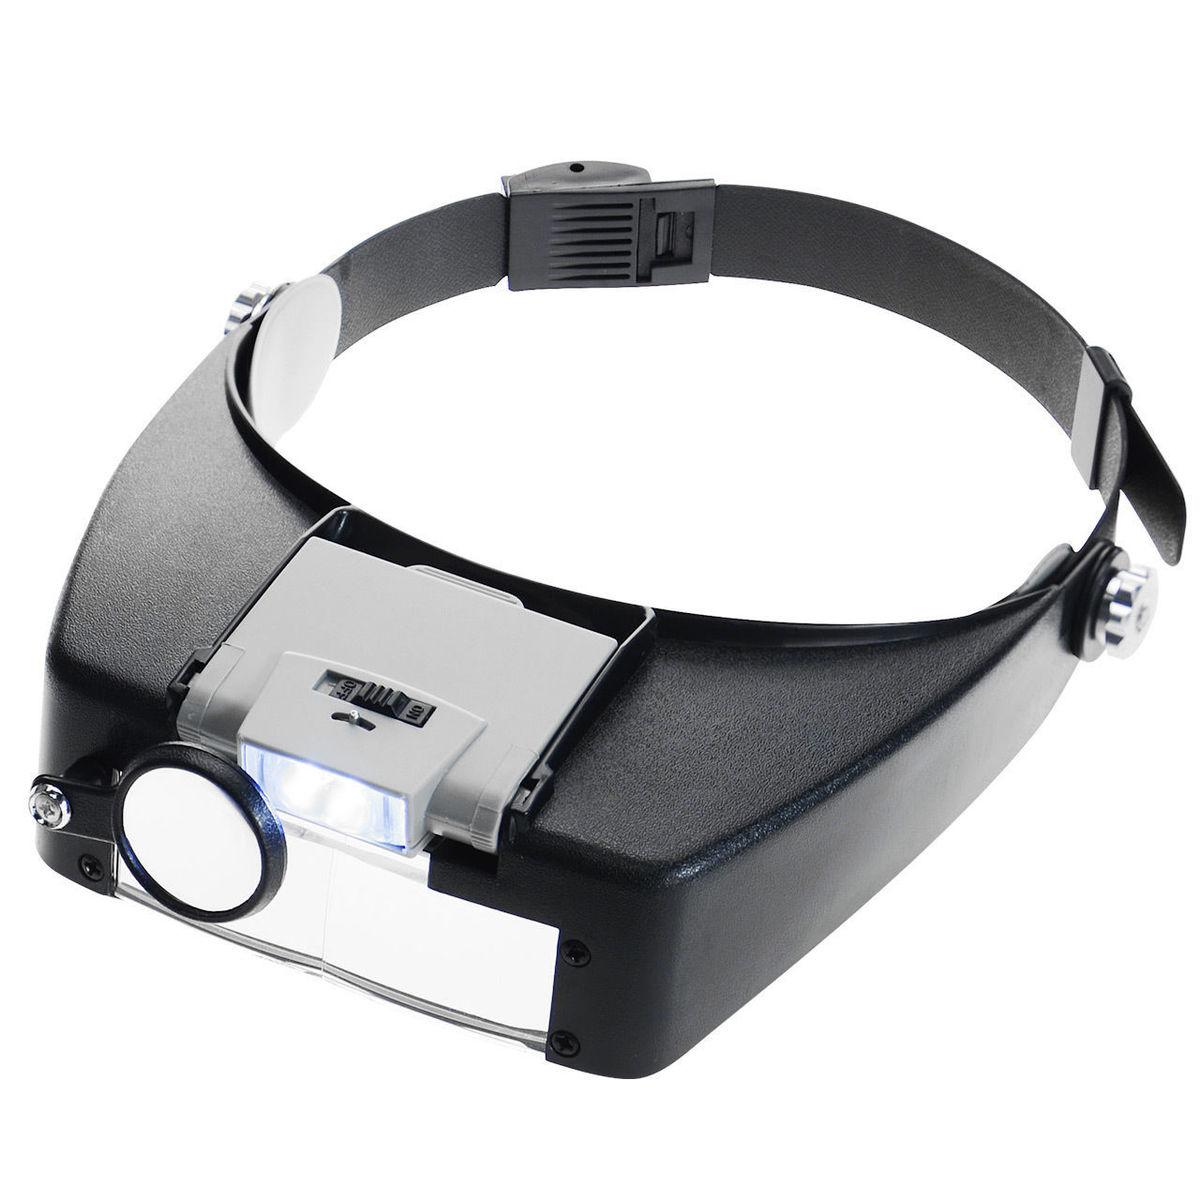 Lupa de diadema Led lámpara de luz de la cabeza lupa de vidrio lupa joyero con luces Led 1,5x3 X 8.5x 10x